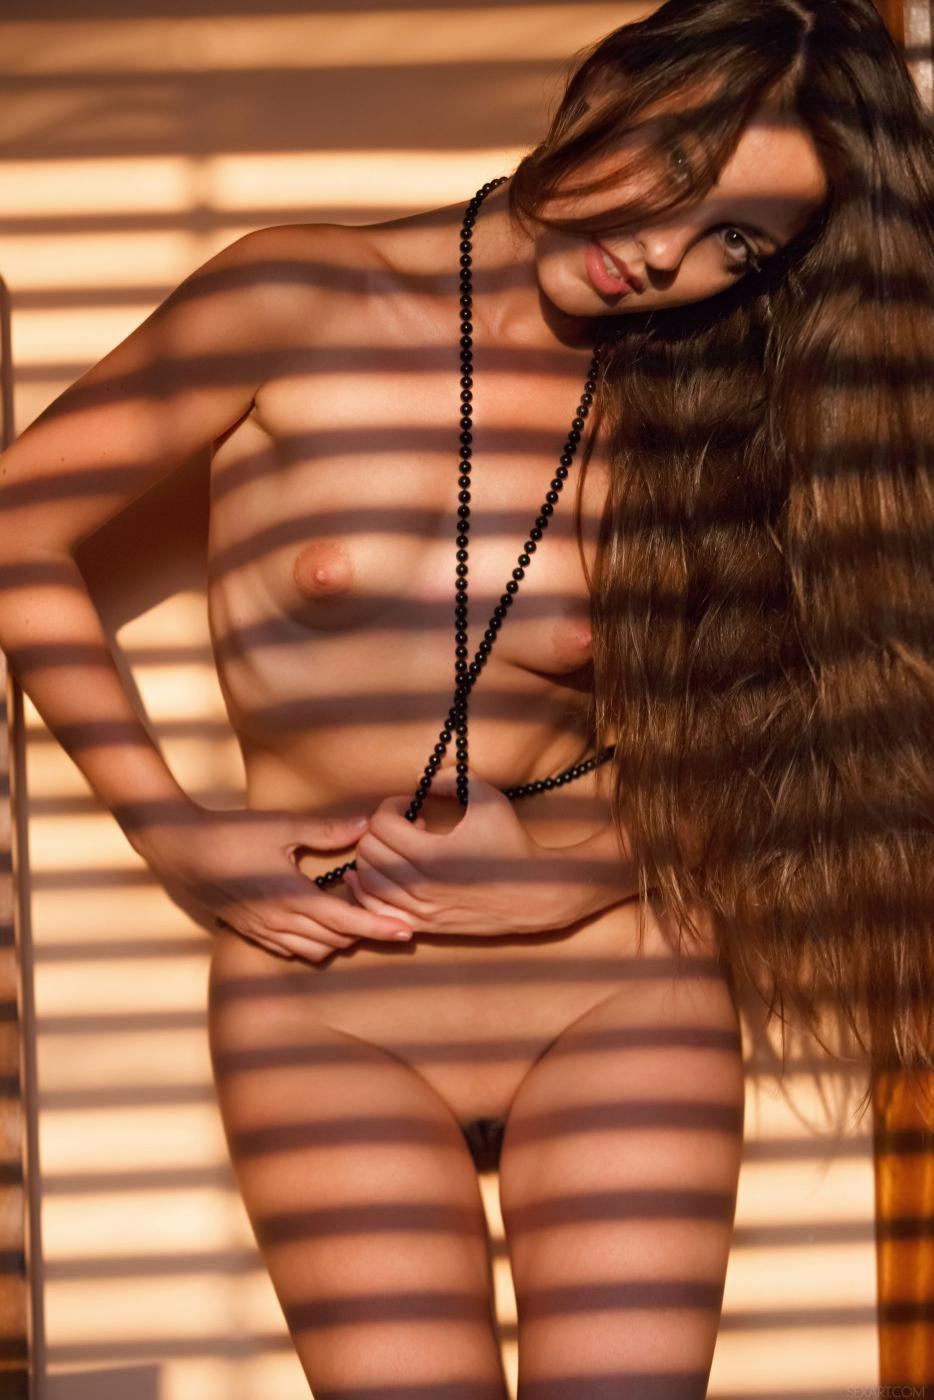 Невероятно красивая латина Lorena Morena заставляет наши слюнки течь, когда она показывает свое идеальное тело